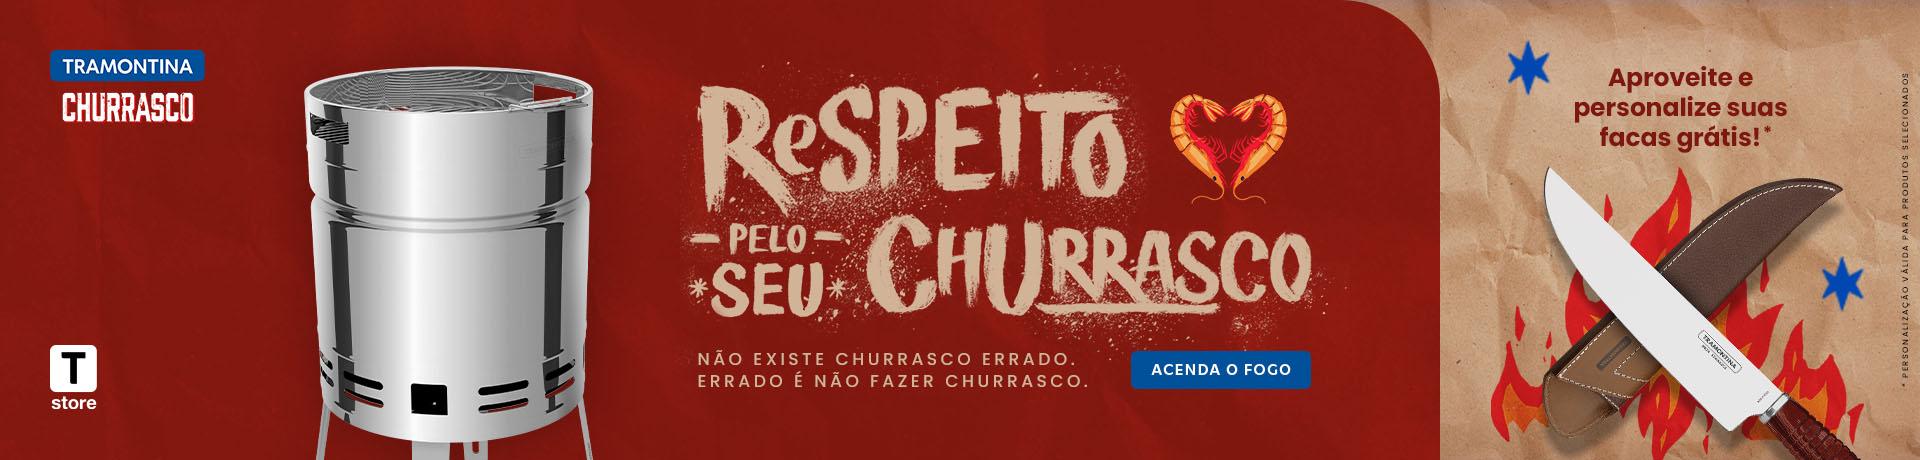 CA 10/21 - Banner Churradsco